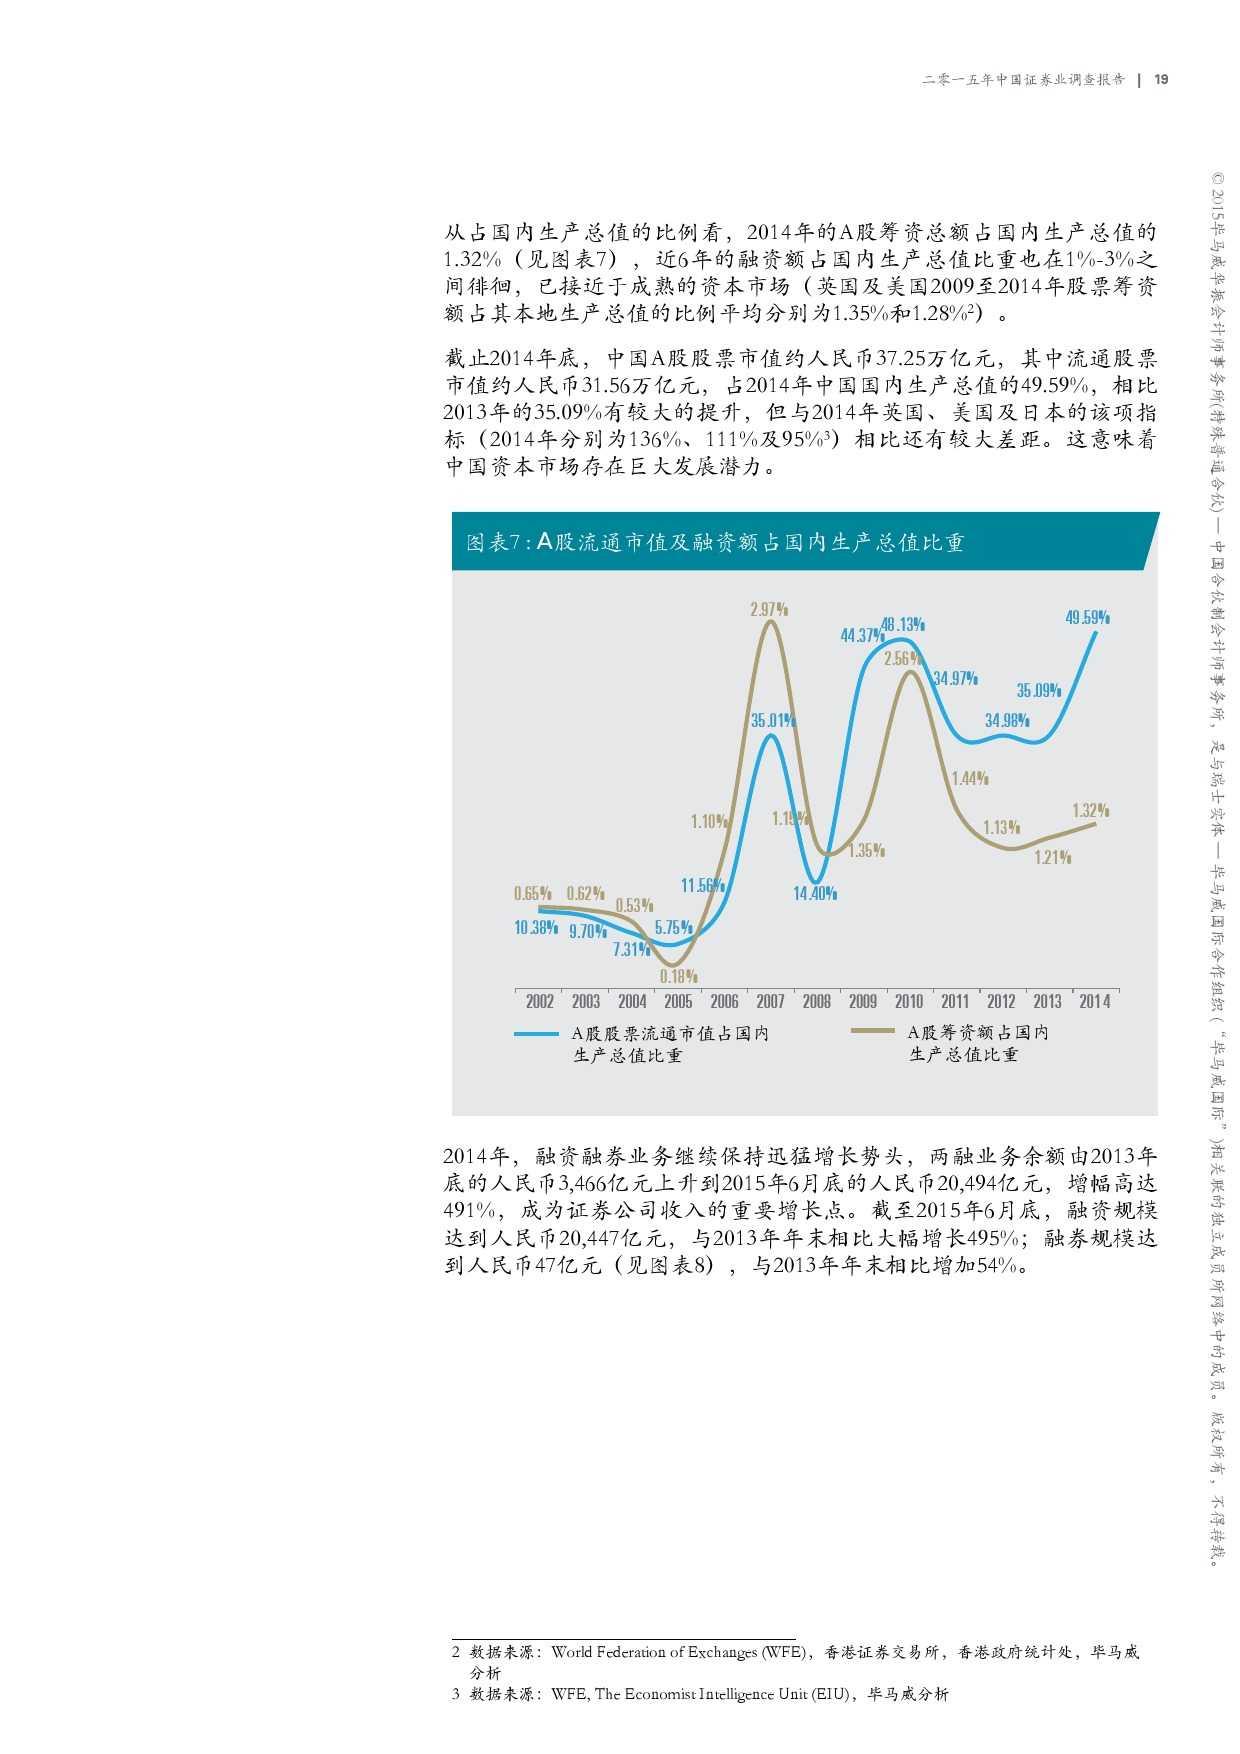 毕马威:2015年中国证券业调查报告_000021